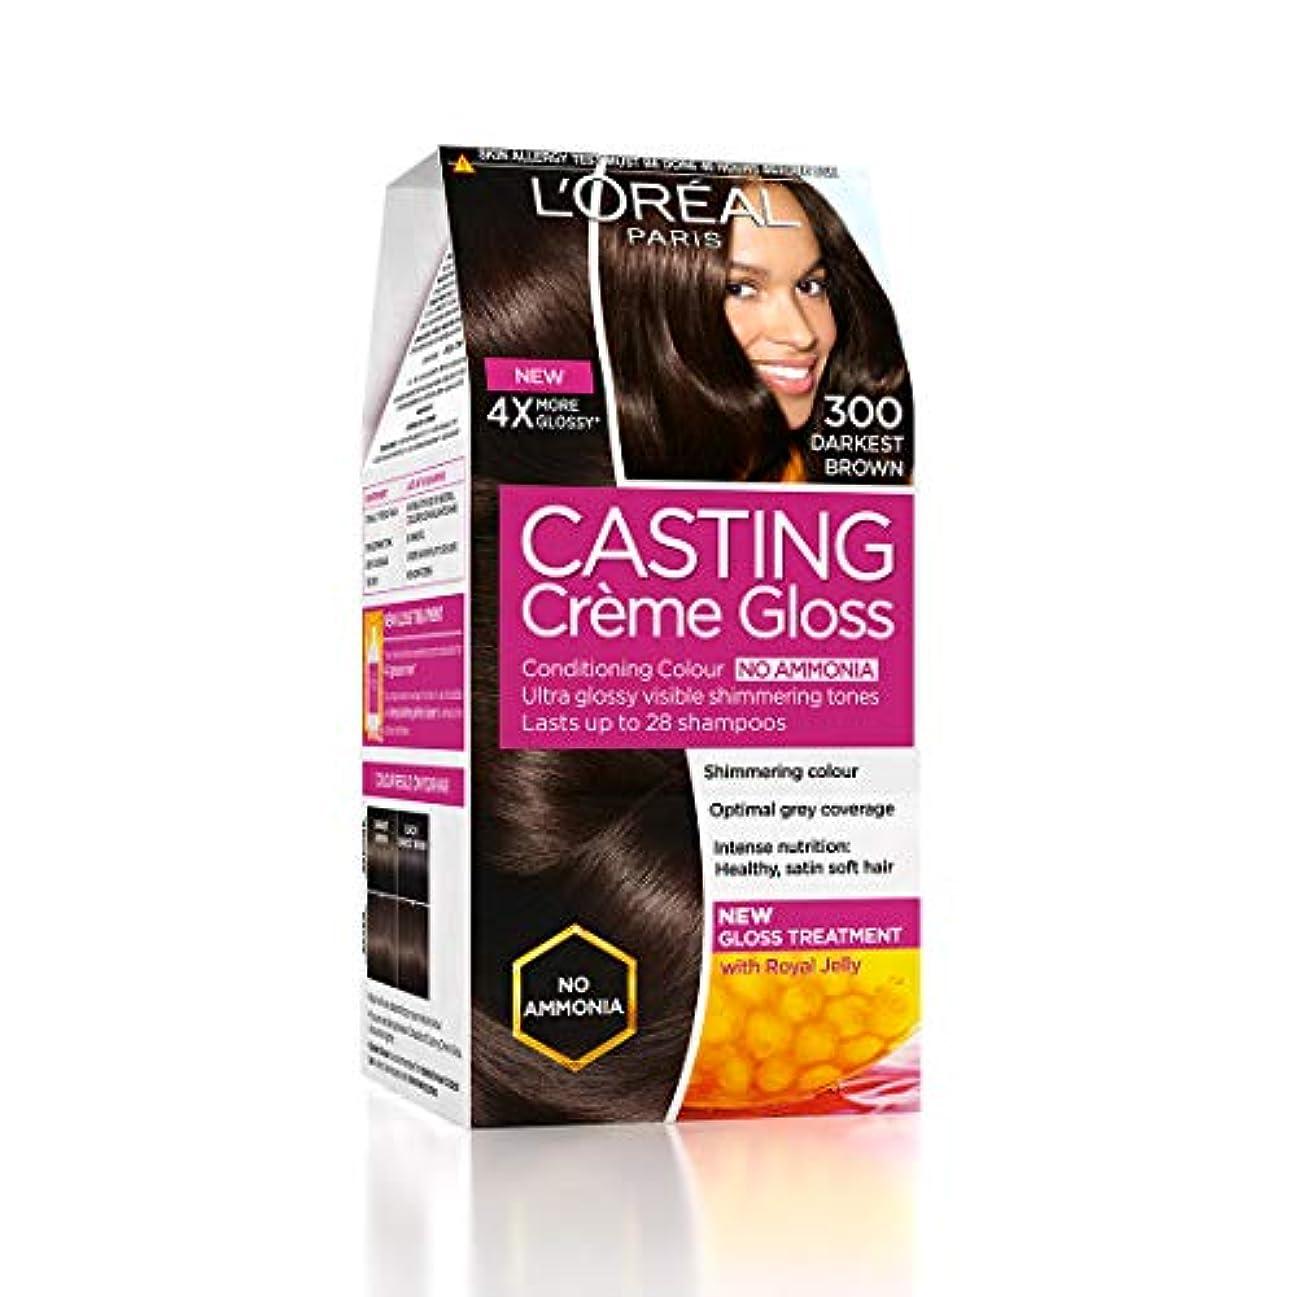 宿昇る願望L'Oreal Paris Casting Creme Gloss Hair Color, Darkest Brown 300, 87.5g+72ml